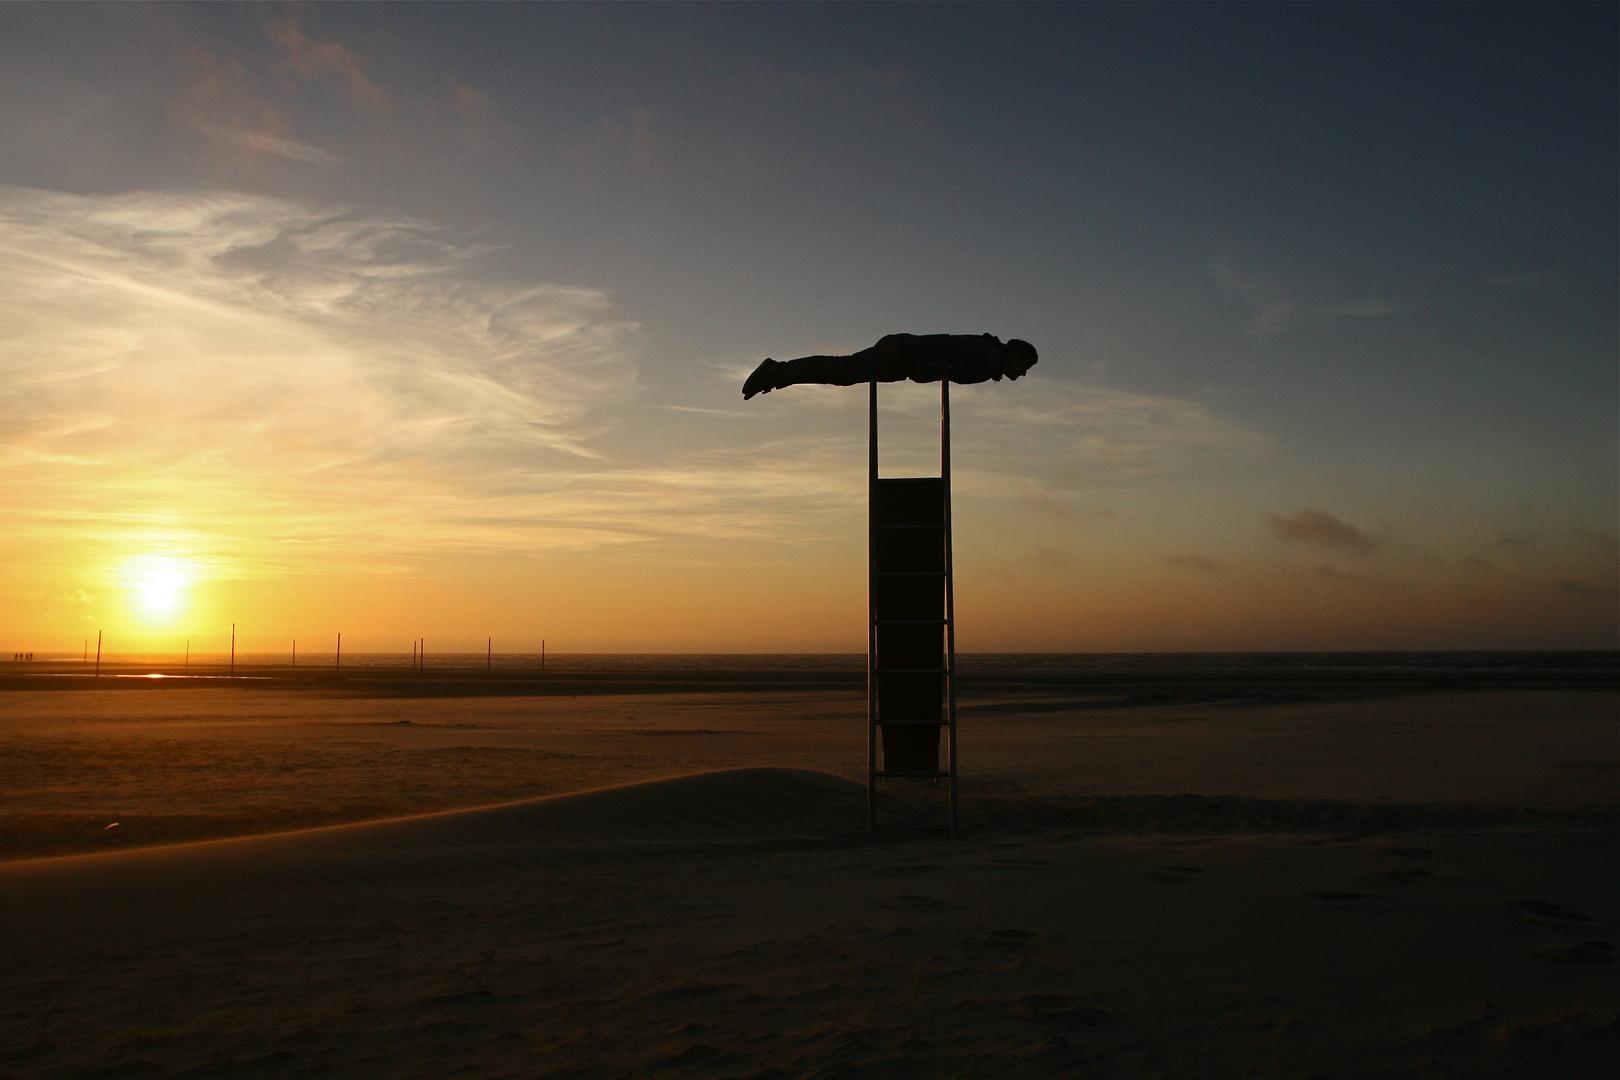 Sonnenuntergangs Planking